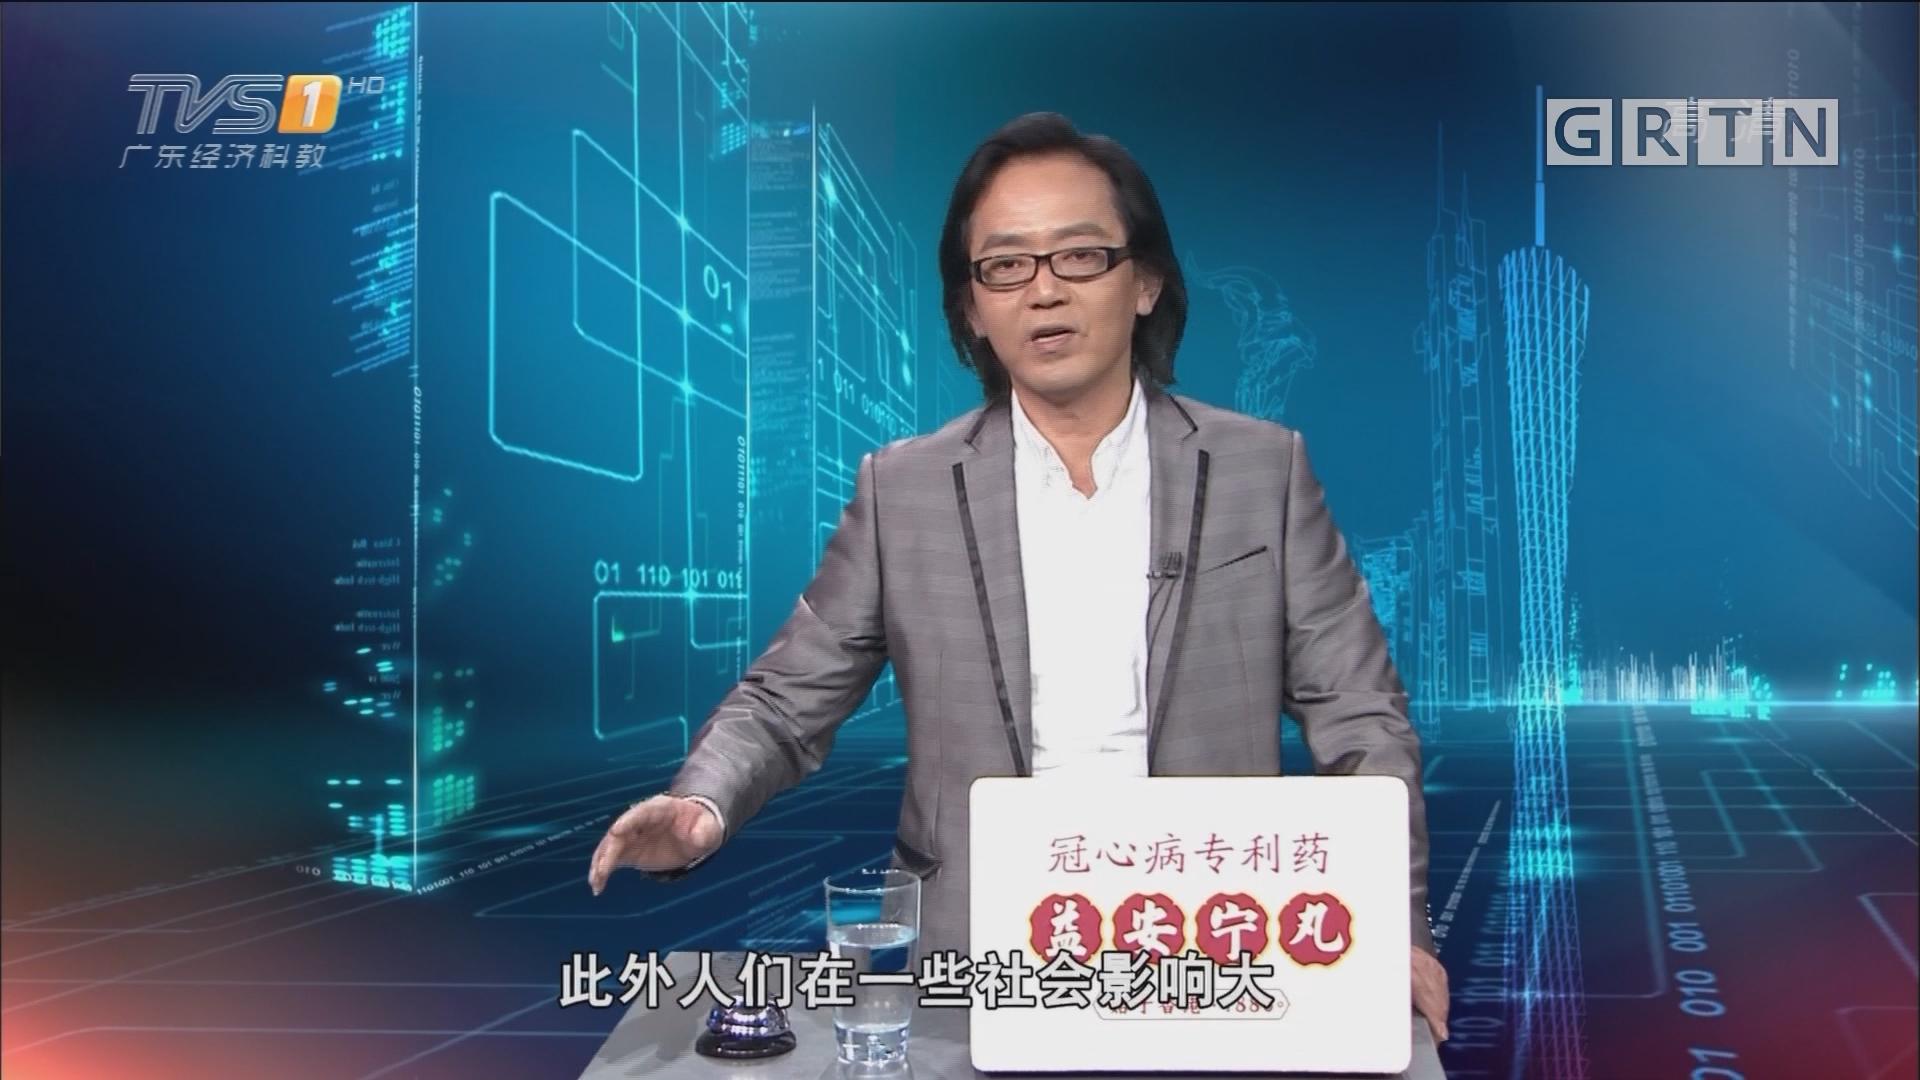 """[HD][2018-02-09]马后炮:黑恶势力侵蚀基层政权 必须坚决""""零容忍""""出重拳"""